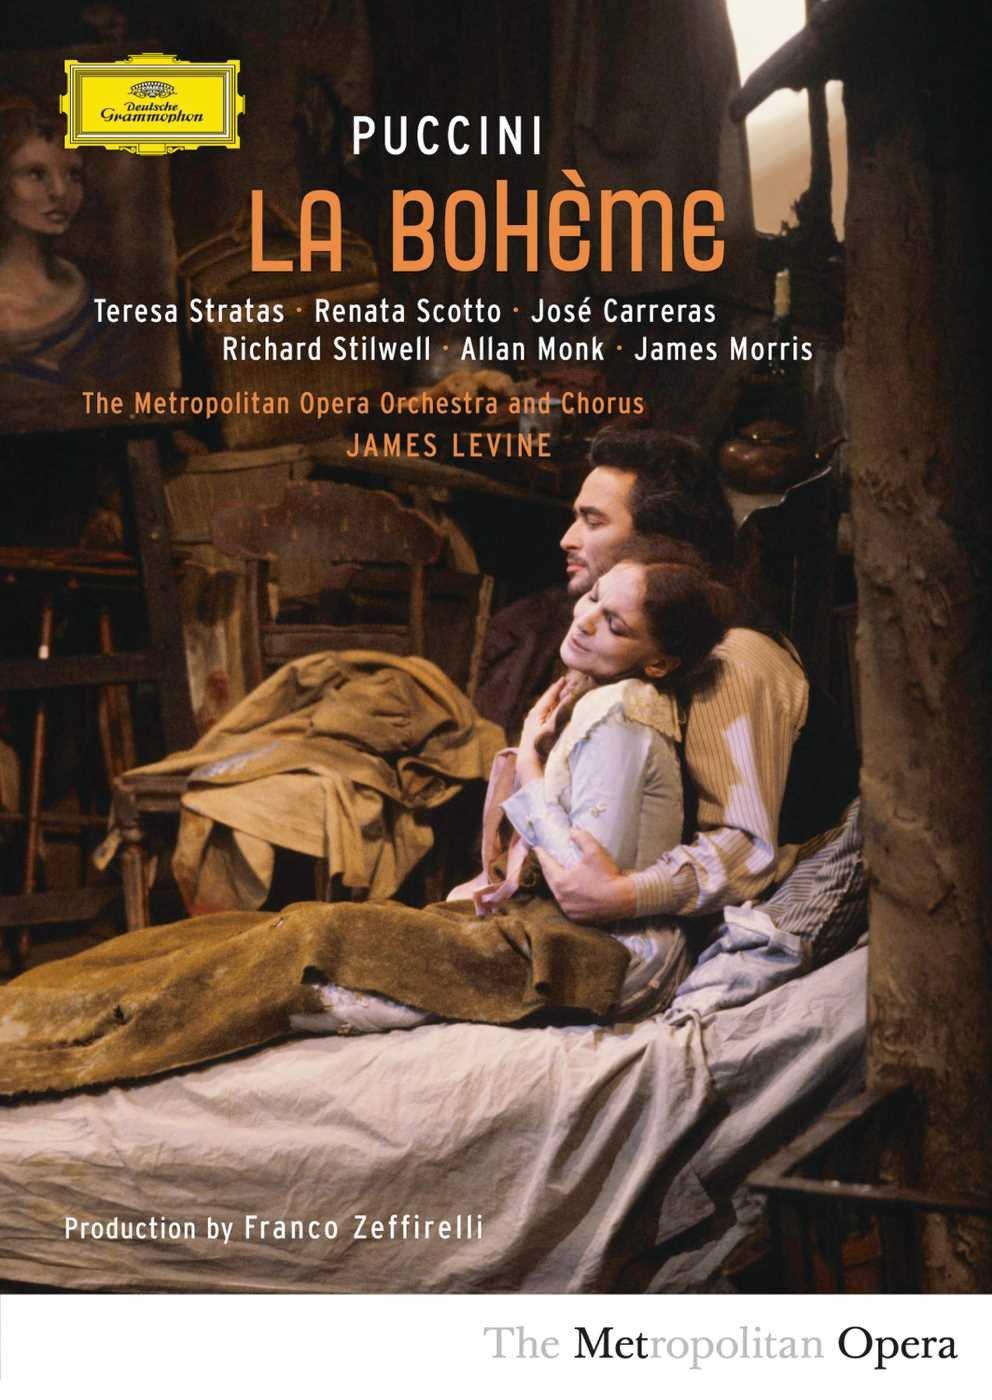 DVD : Alan Monk - La Boheme (Subtitled, Widescreen)